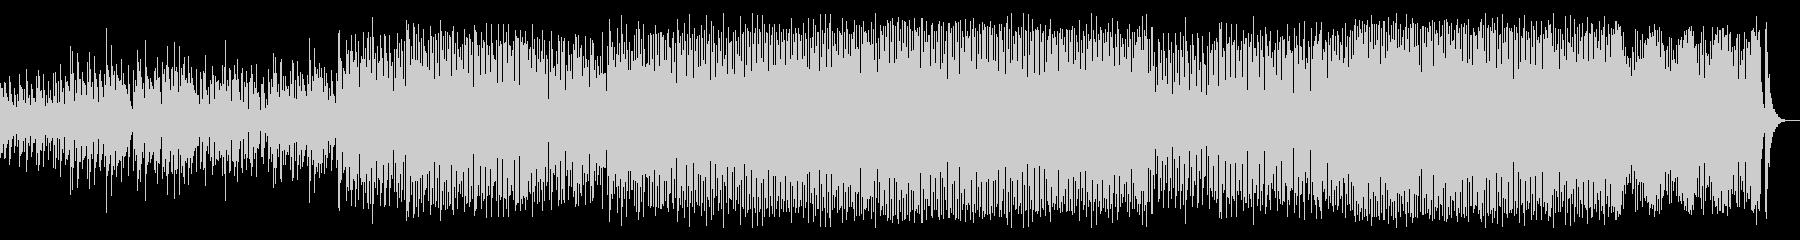 7/4のボレロ・非日常的日常系BGMの未再生の波形